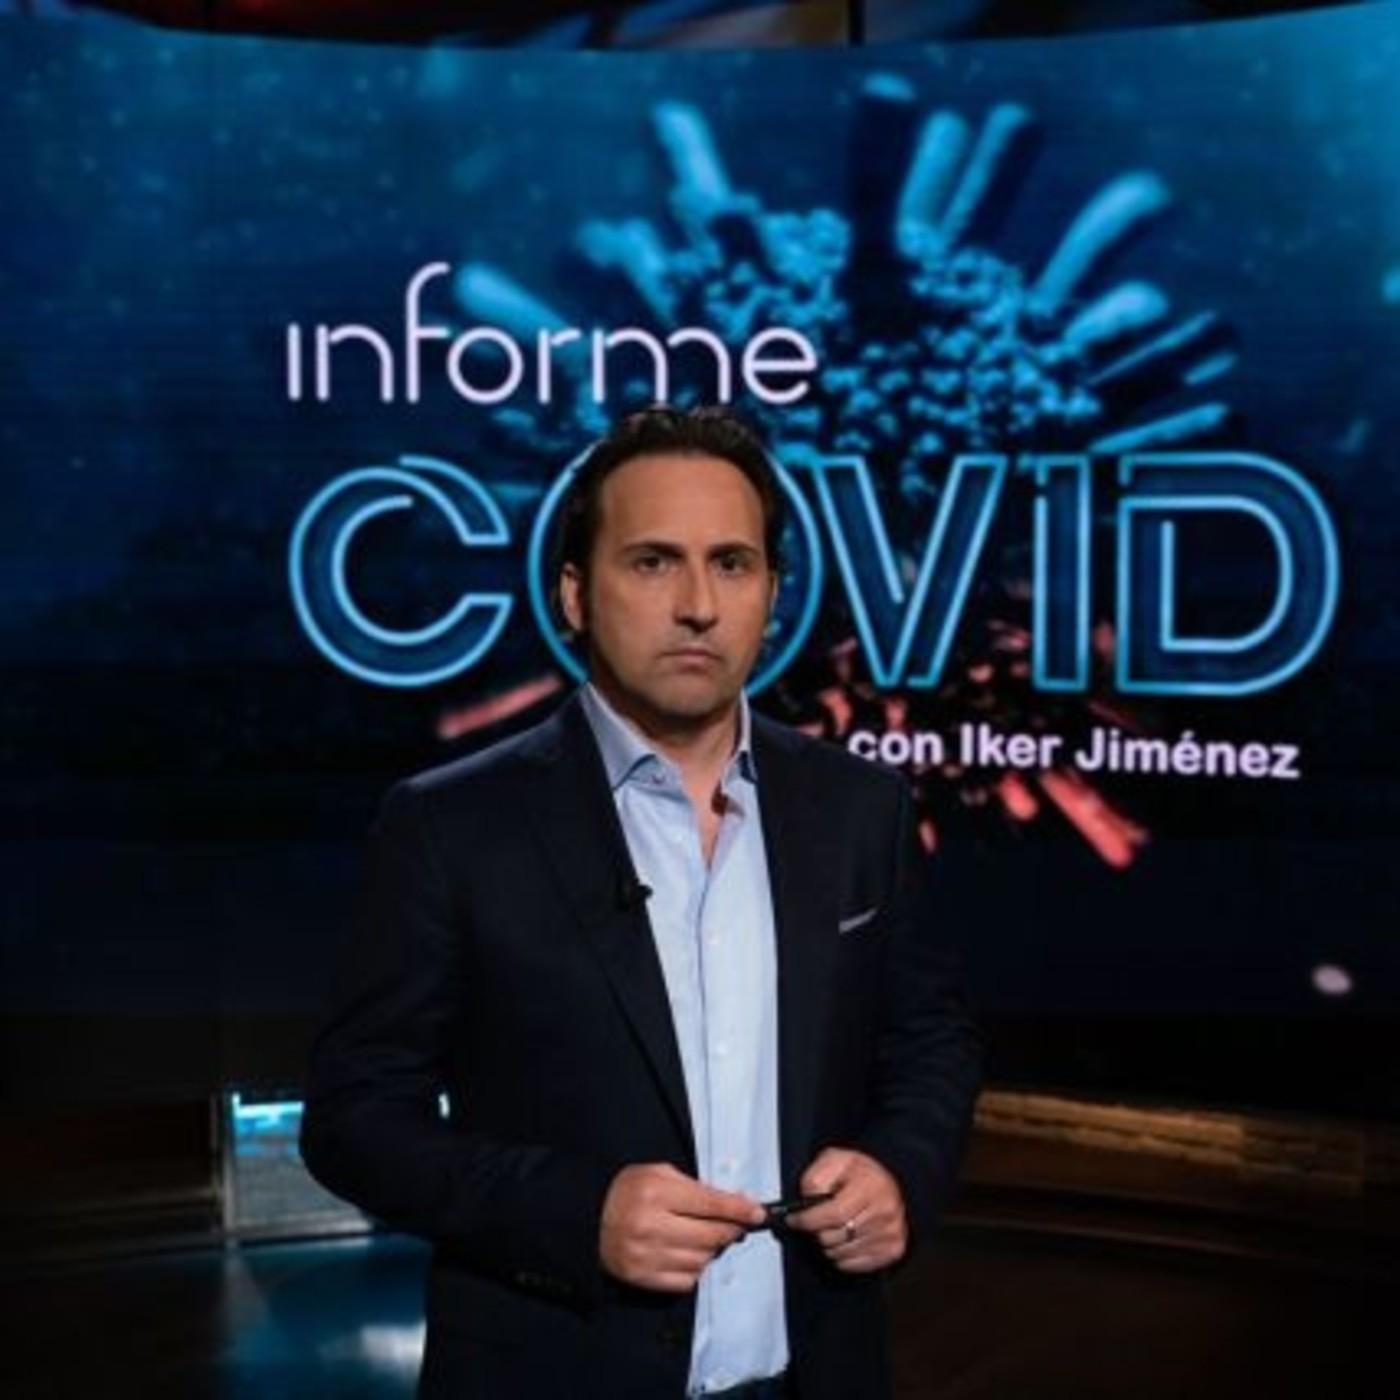 Informe Covid (24-09-2020): Episodio 2